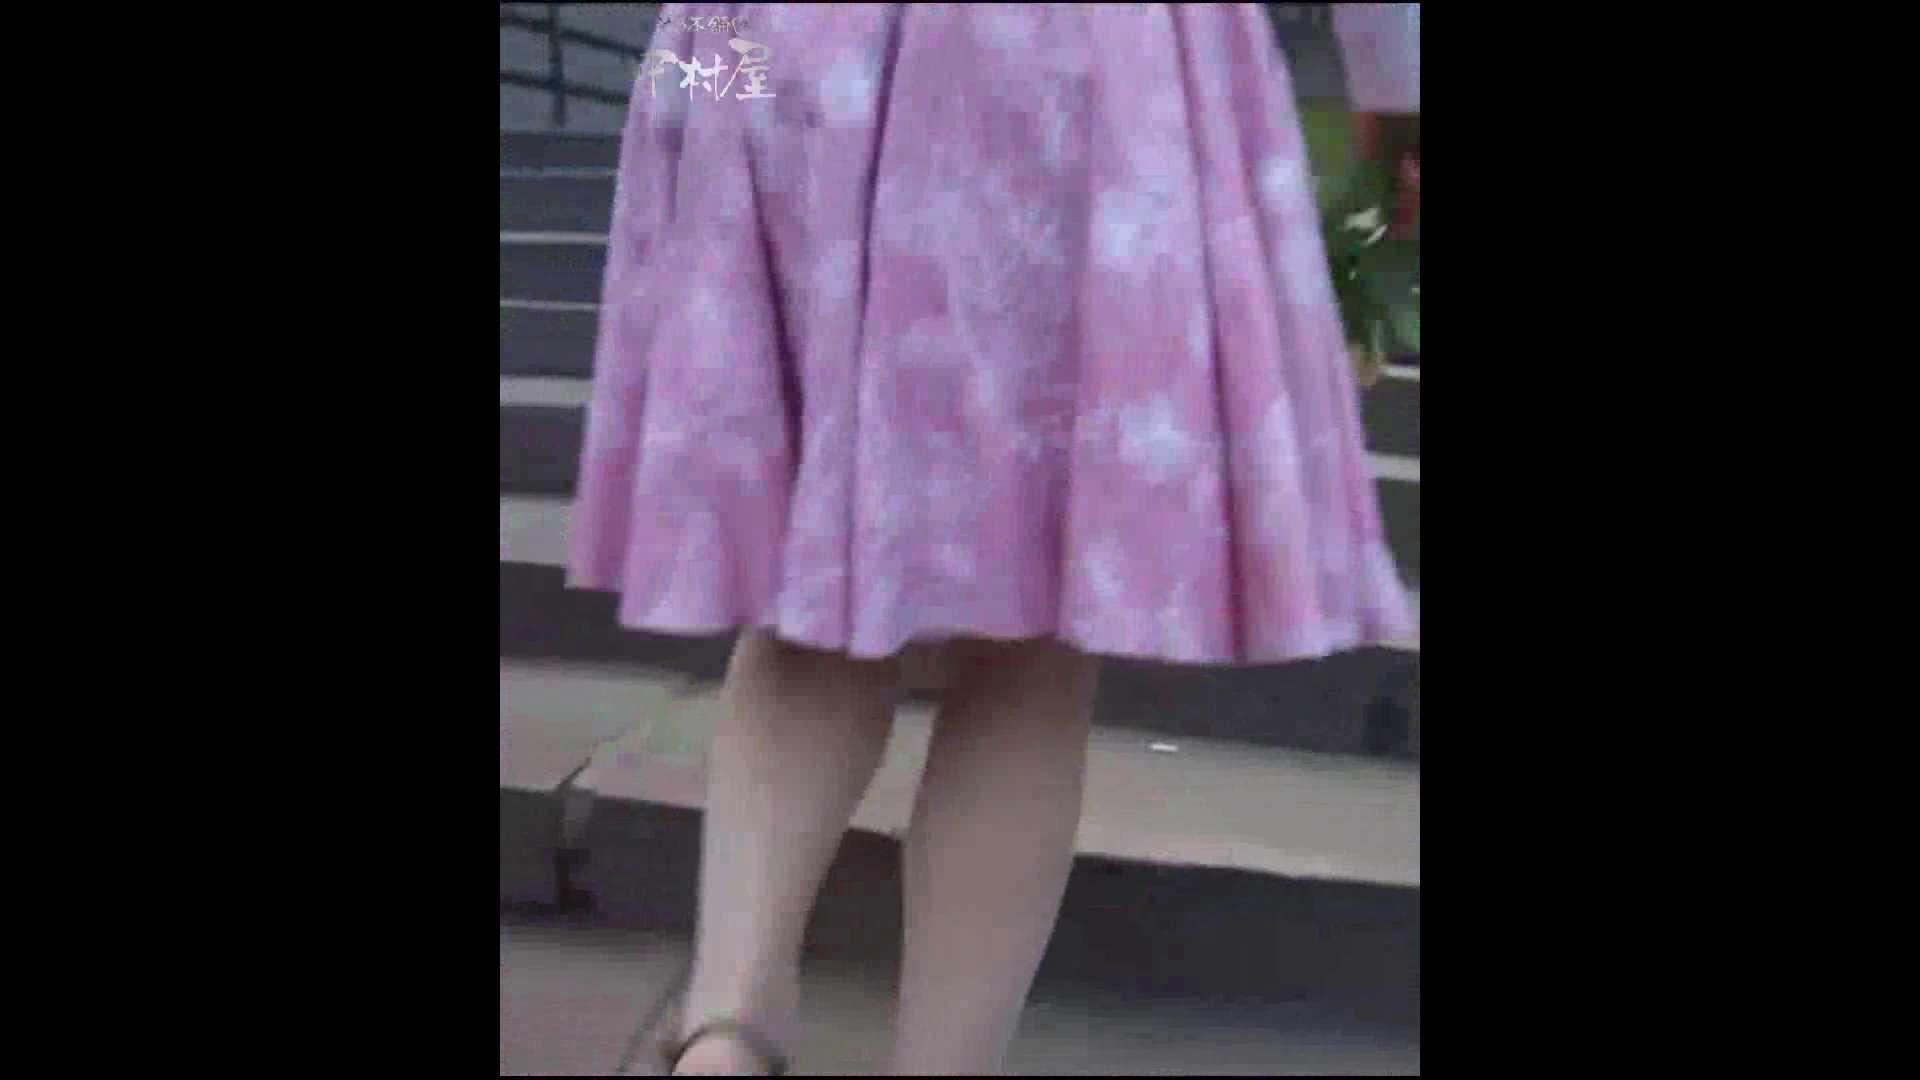 綺麗なモデルさんのスカート捲っちゃおう‼ vol21 お姉さんのエロ動画  87PIX 52